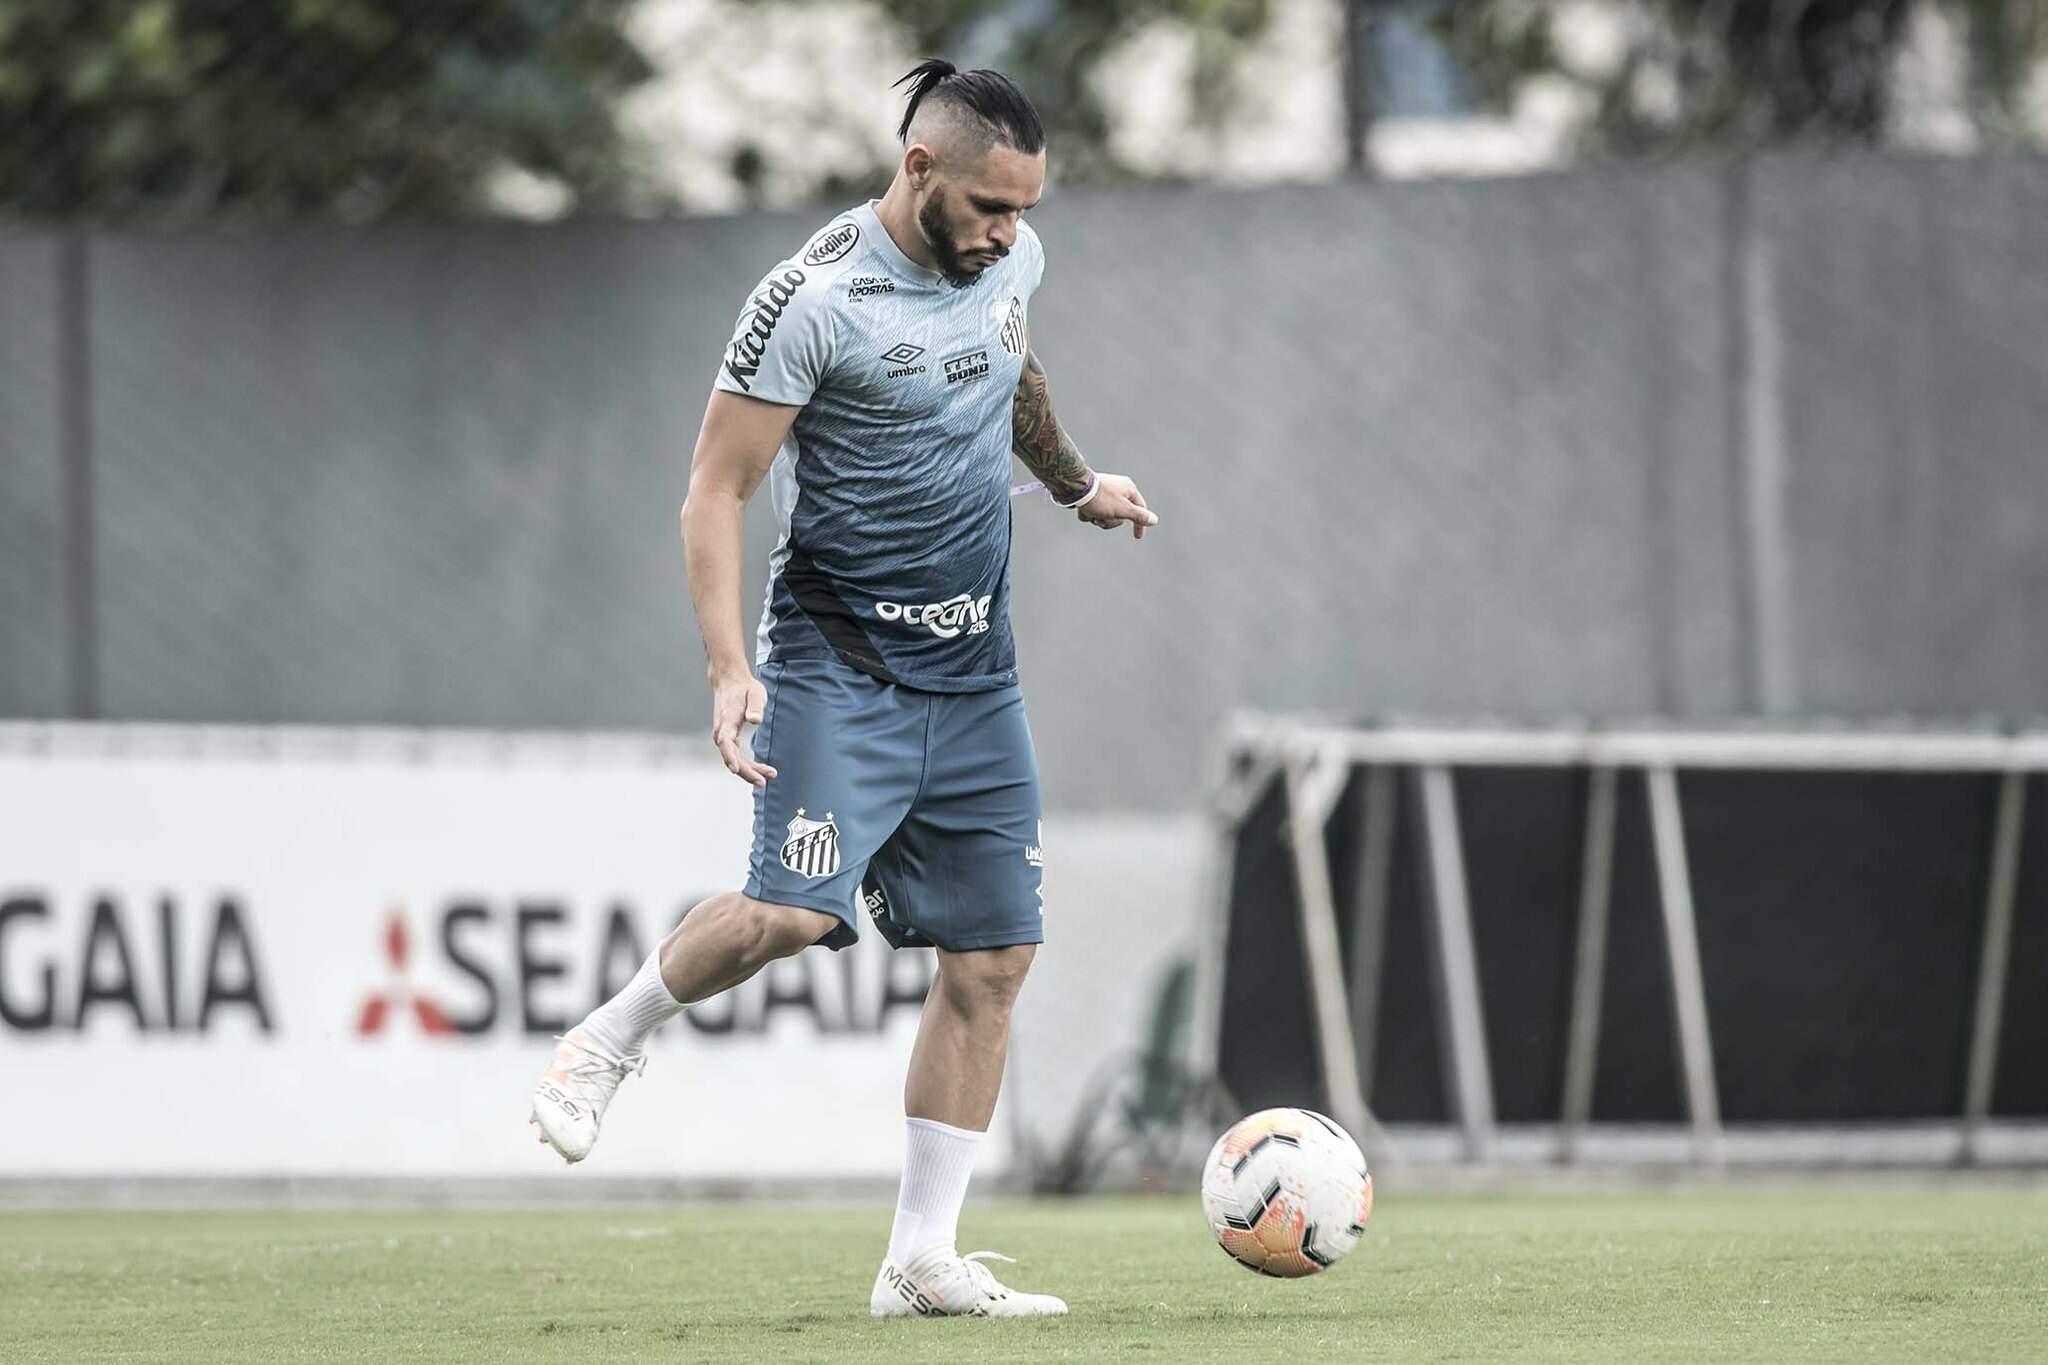 Pará luta para conquistar sua segunda Libertadores pelo Santos